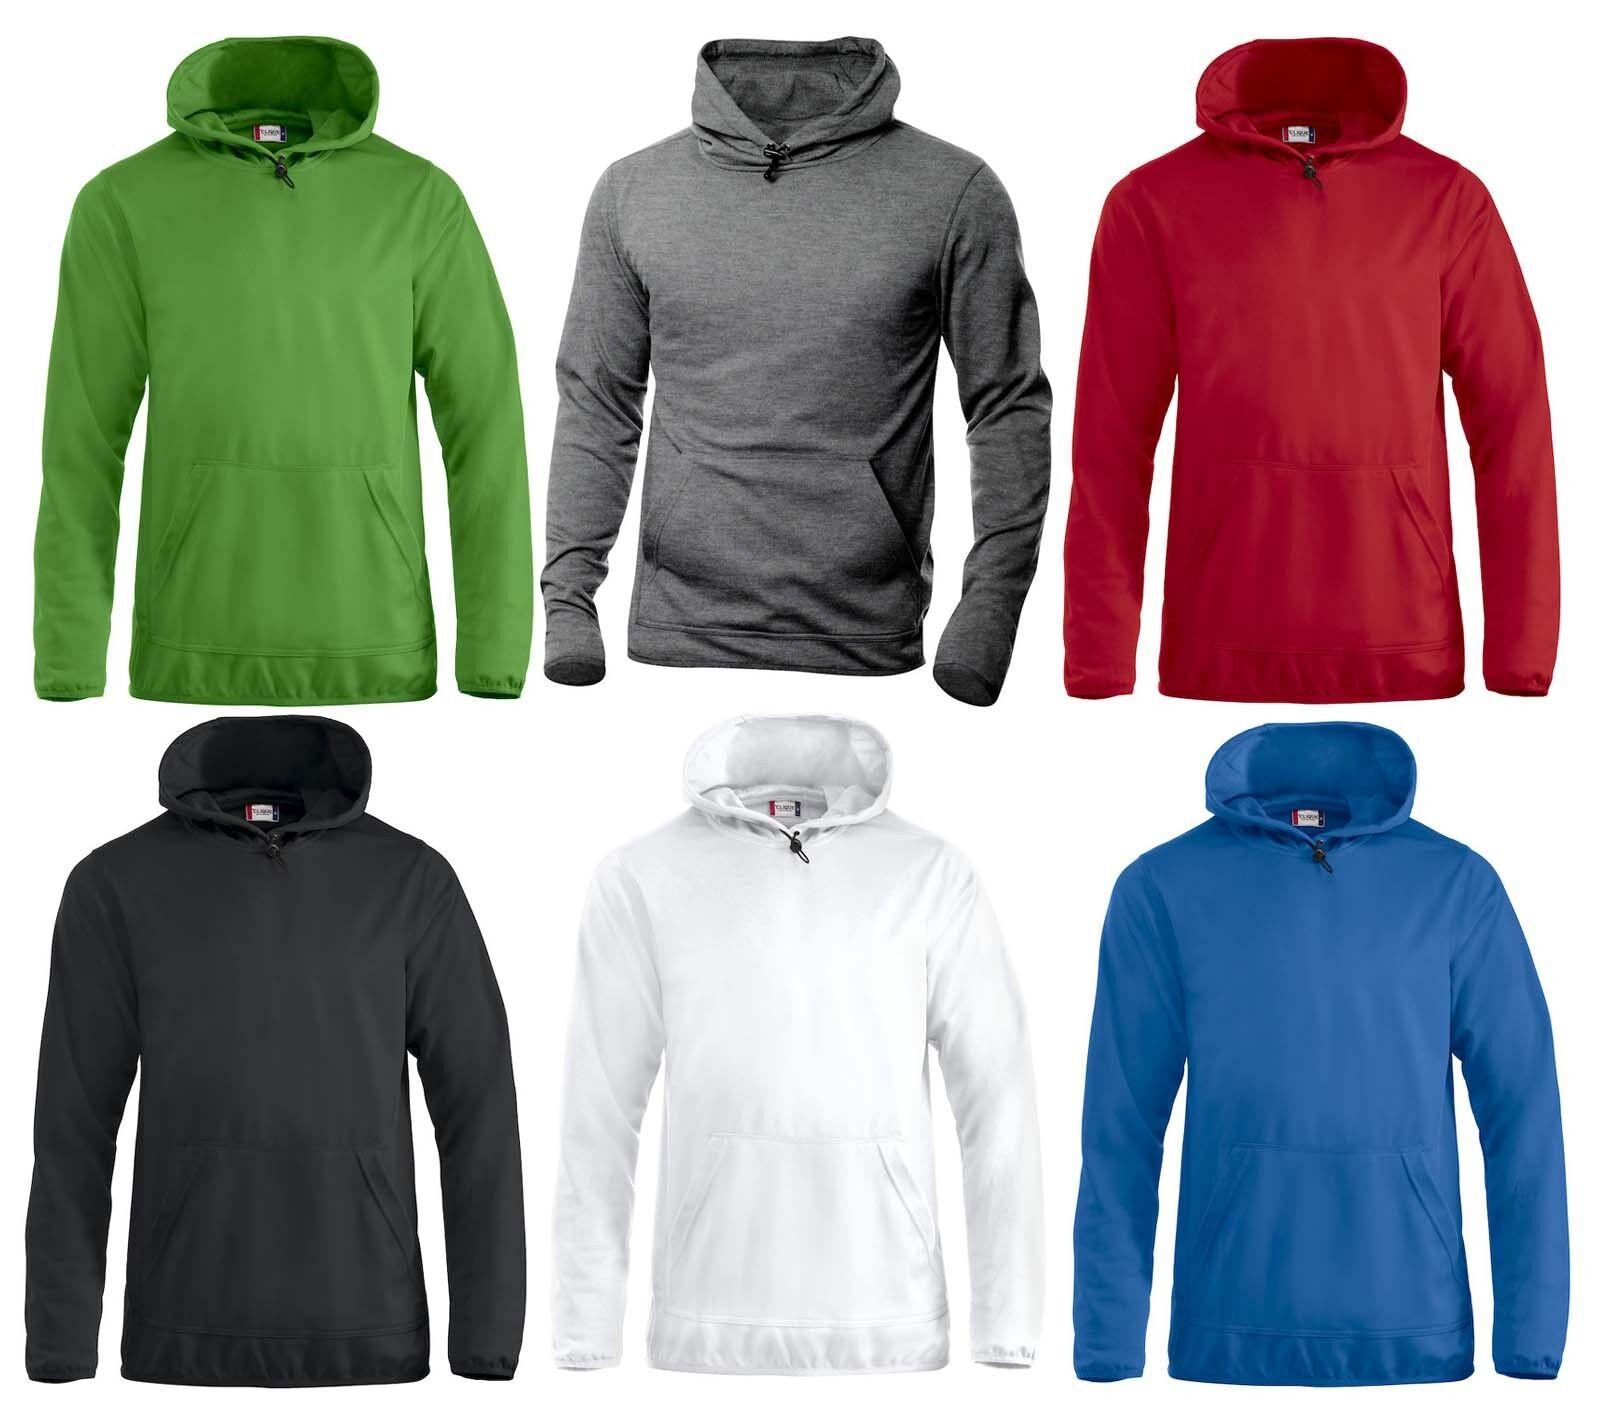 Felpa tecnica maglione unisex con cappuccio foderato e marsupio 230 gr 6 colorei